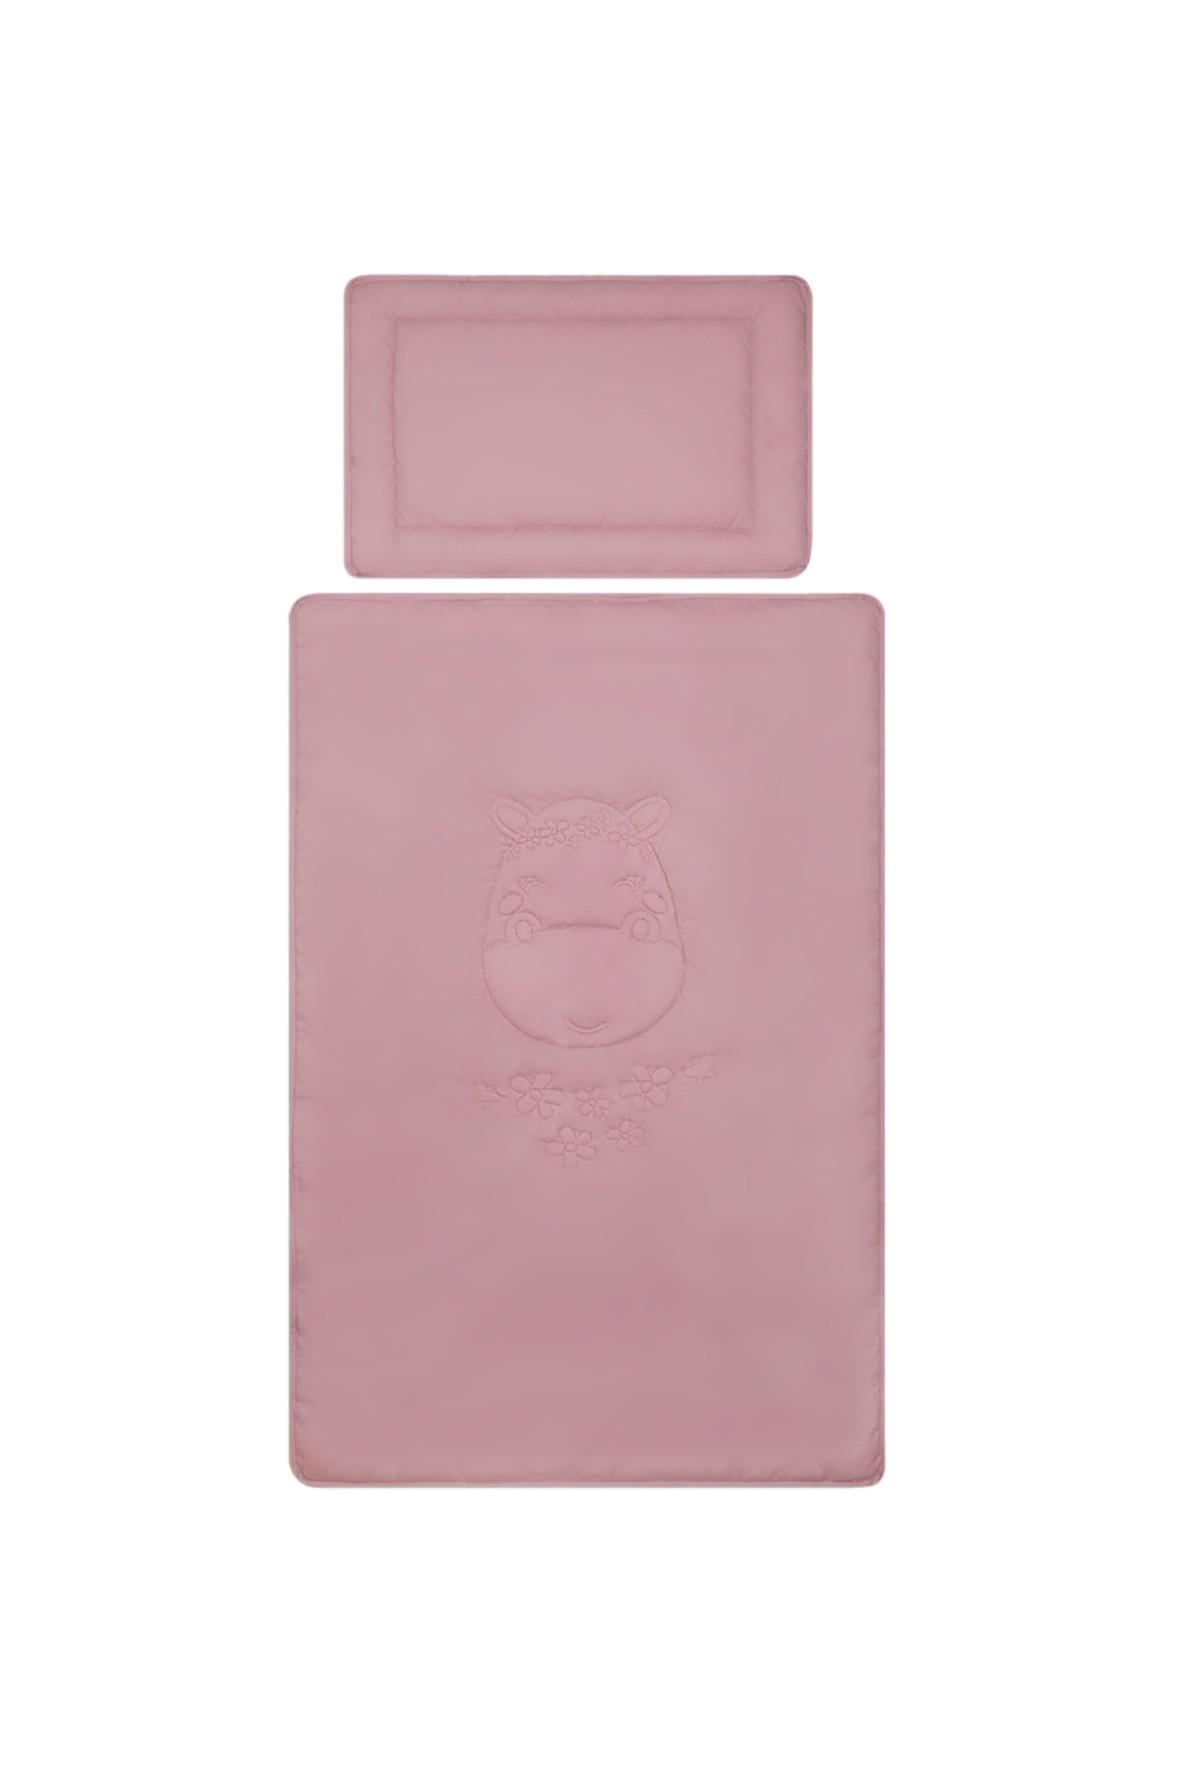 Bawełniana pościel z wypełnieniem Hippo w kolorze fioletowym - 120x80 cm